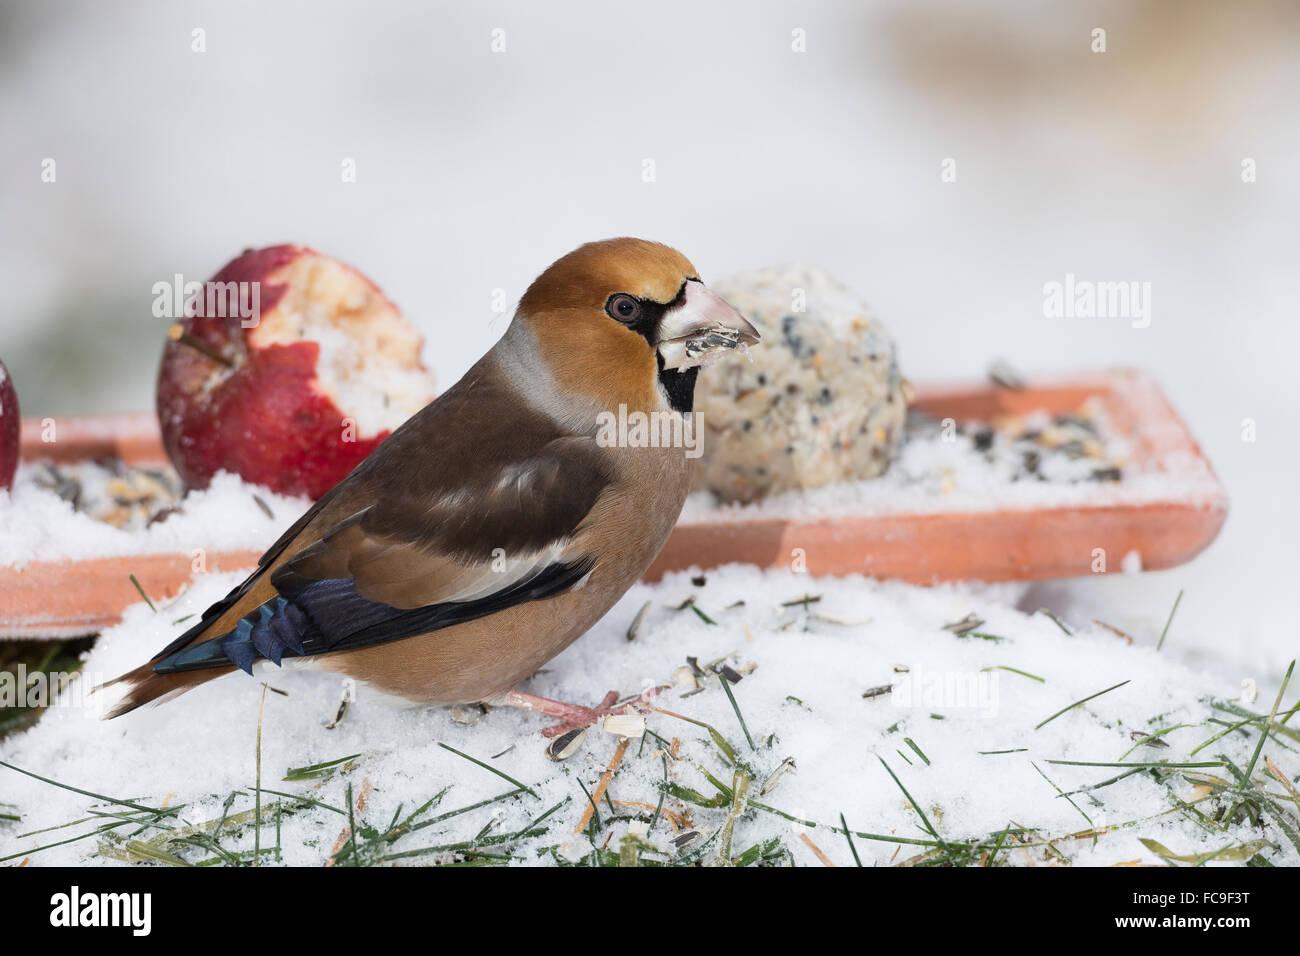 Hawfinch, bird's feeding, Kernbeißer, Kernbeisser, Kirschkernbeißer, Vogelfutter, Vogelfütterung, - Stock Image